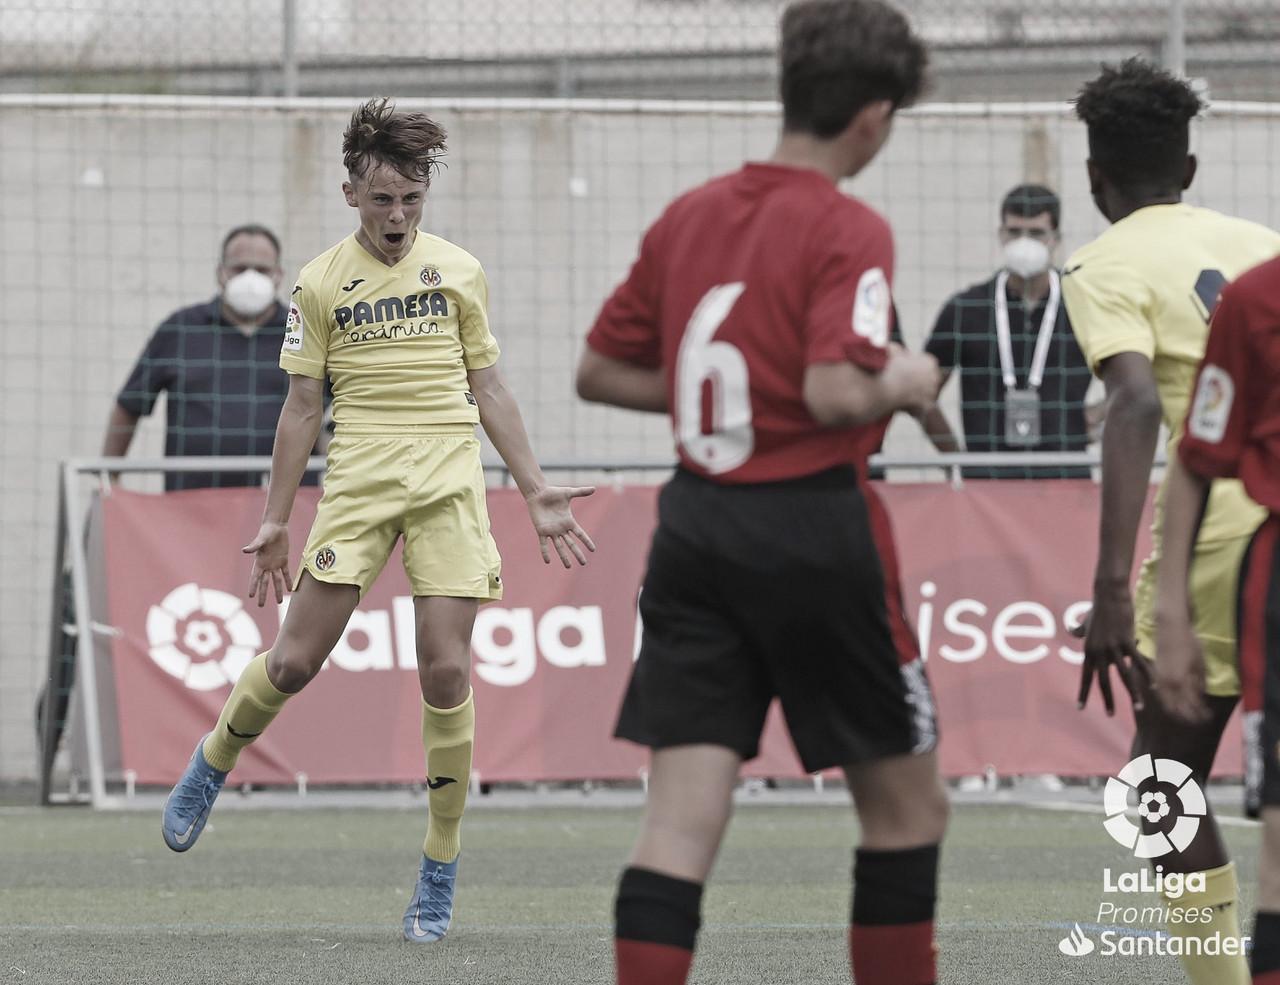 El Villarreal arranca la XXIX edición de LaLiga Promises con victoria